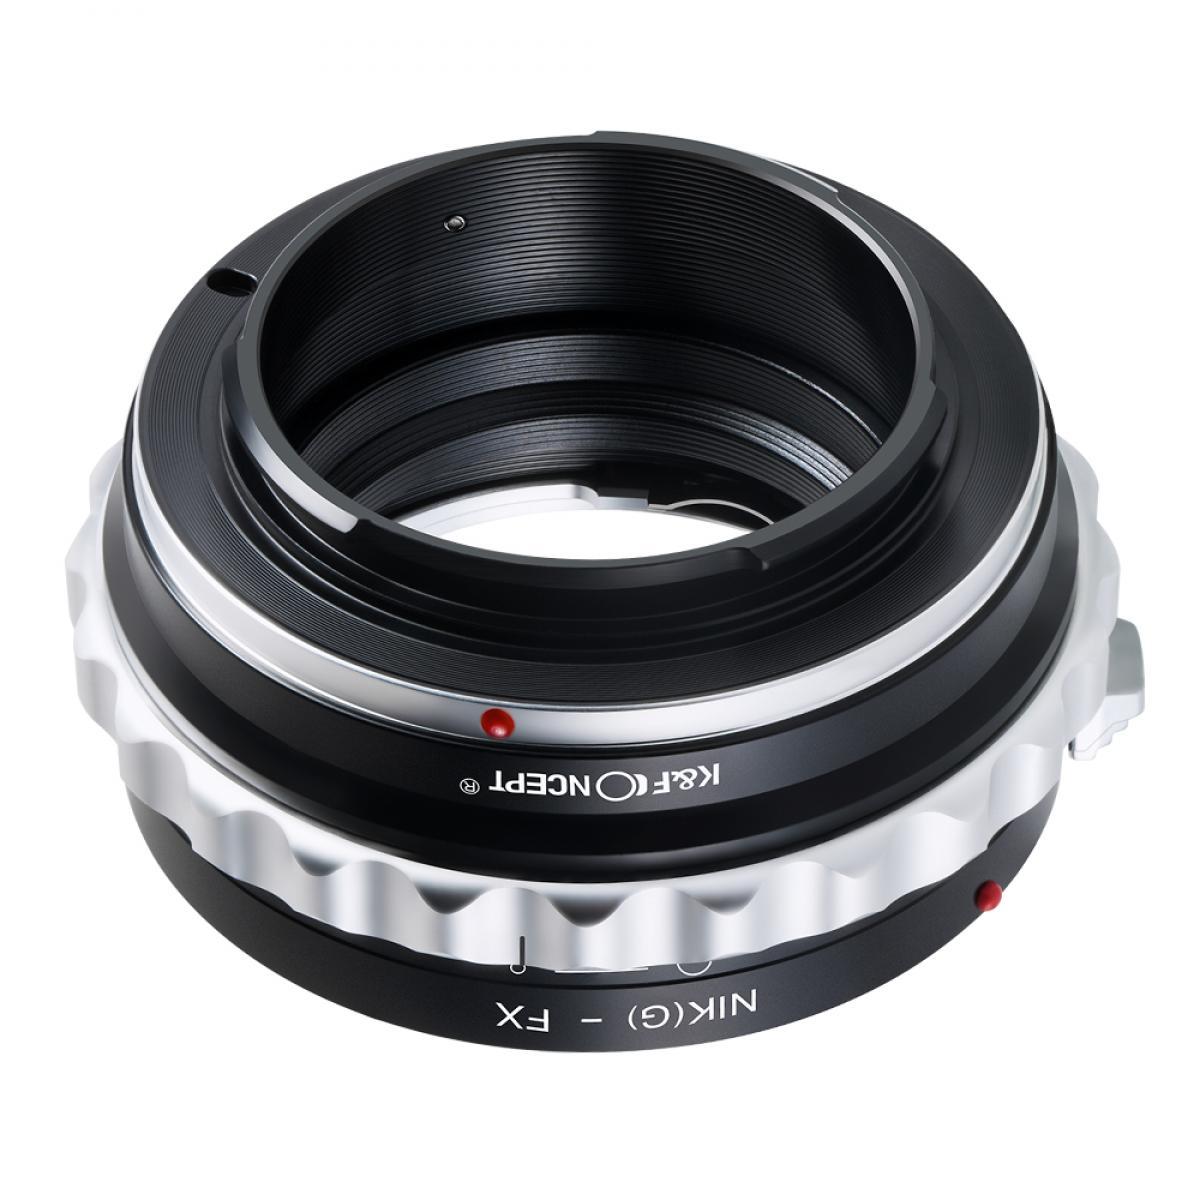 K&F M18111 Nikon Adaptador de montagem de lente G/F/AI/AIS/D para Fuji X